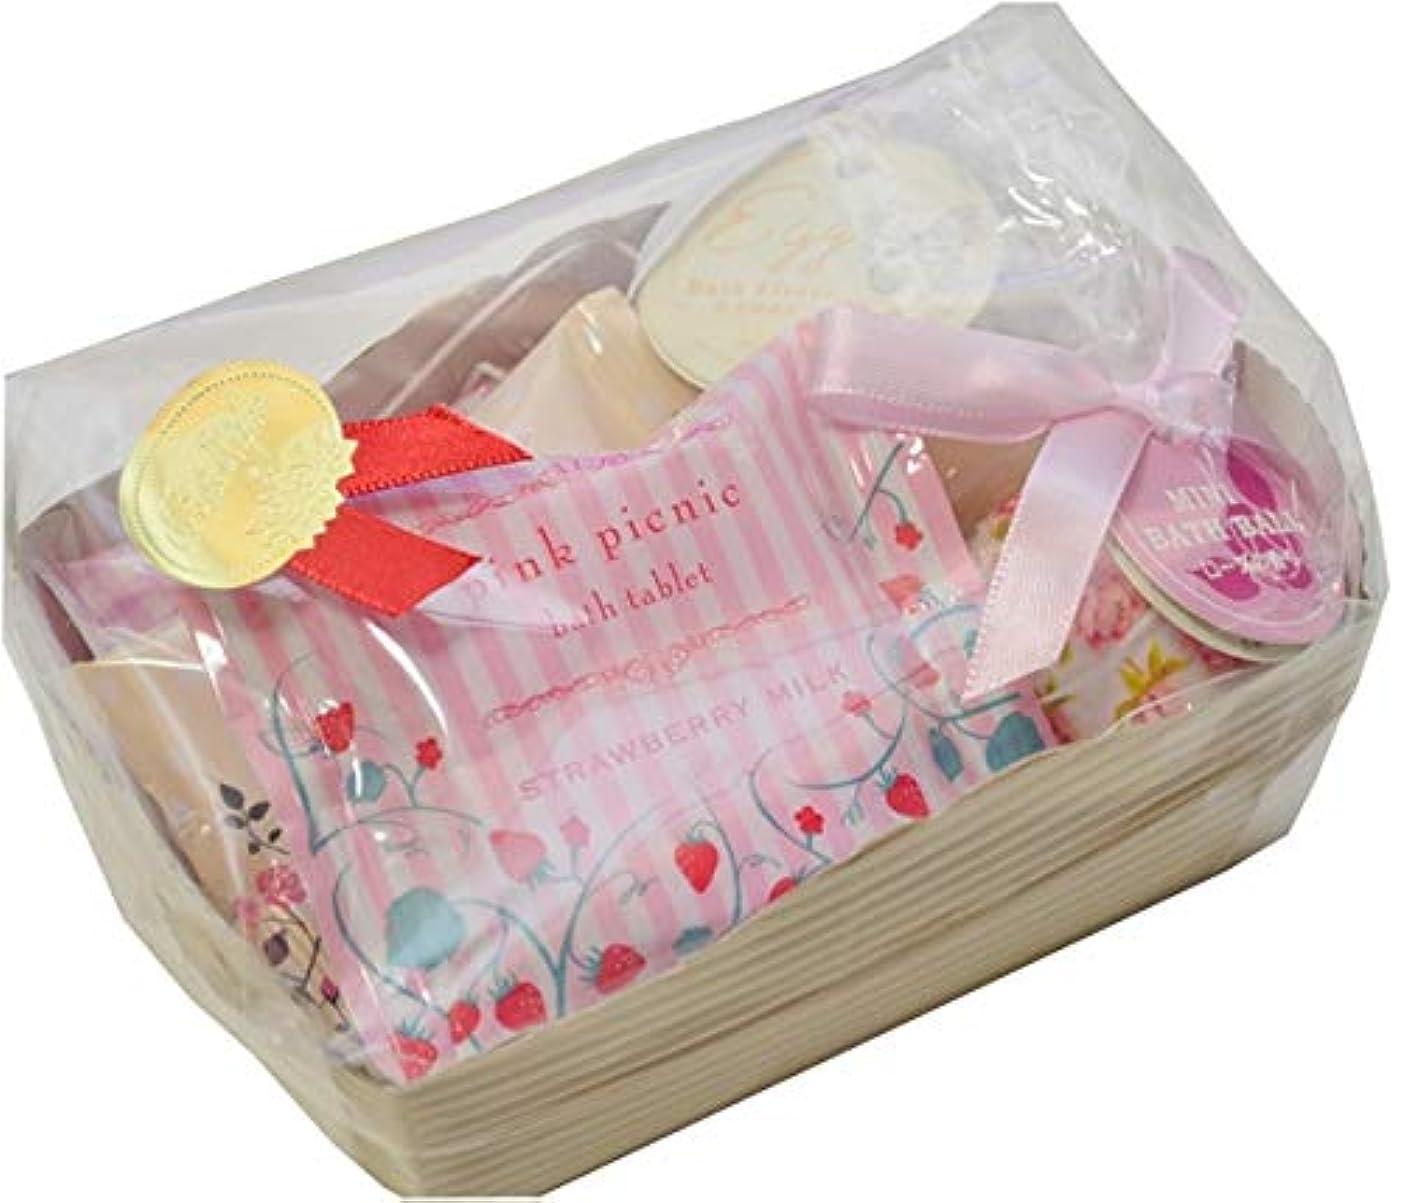 報告書ぎこちない壊滅的な【ラッピング済み】ピンクバスギフトセット 5点セット 入浴剤 ギフト プレゼント